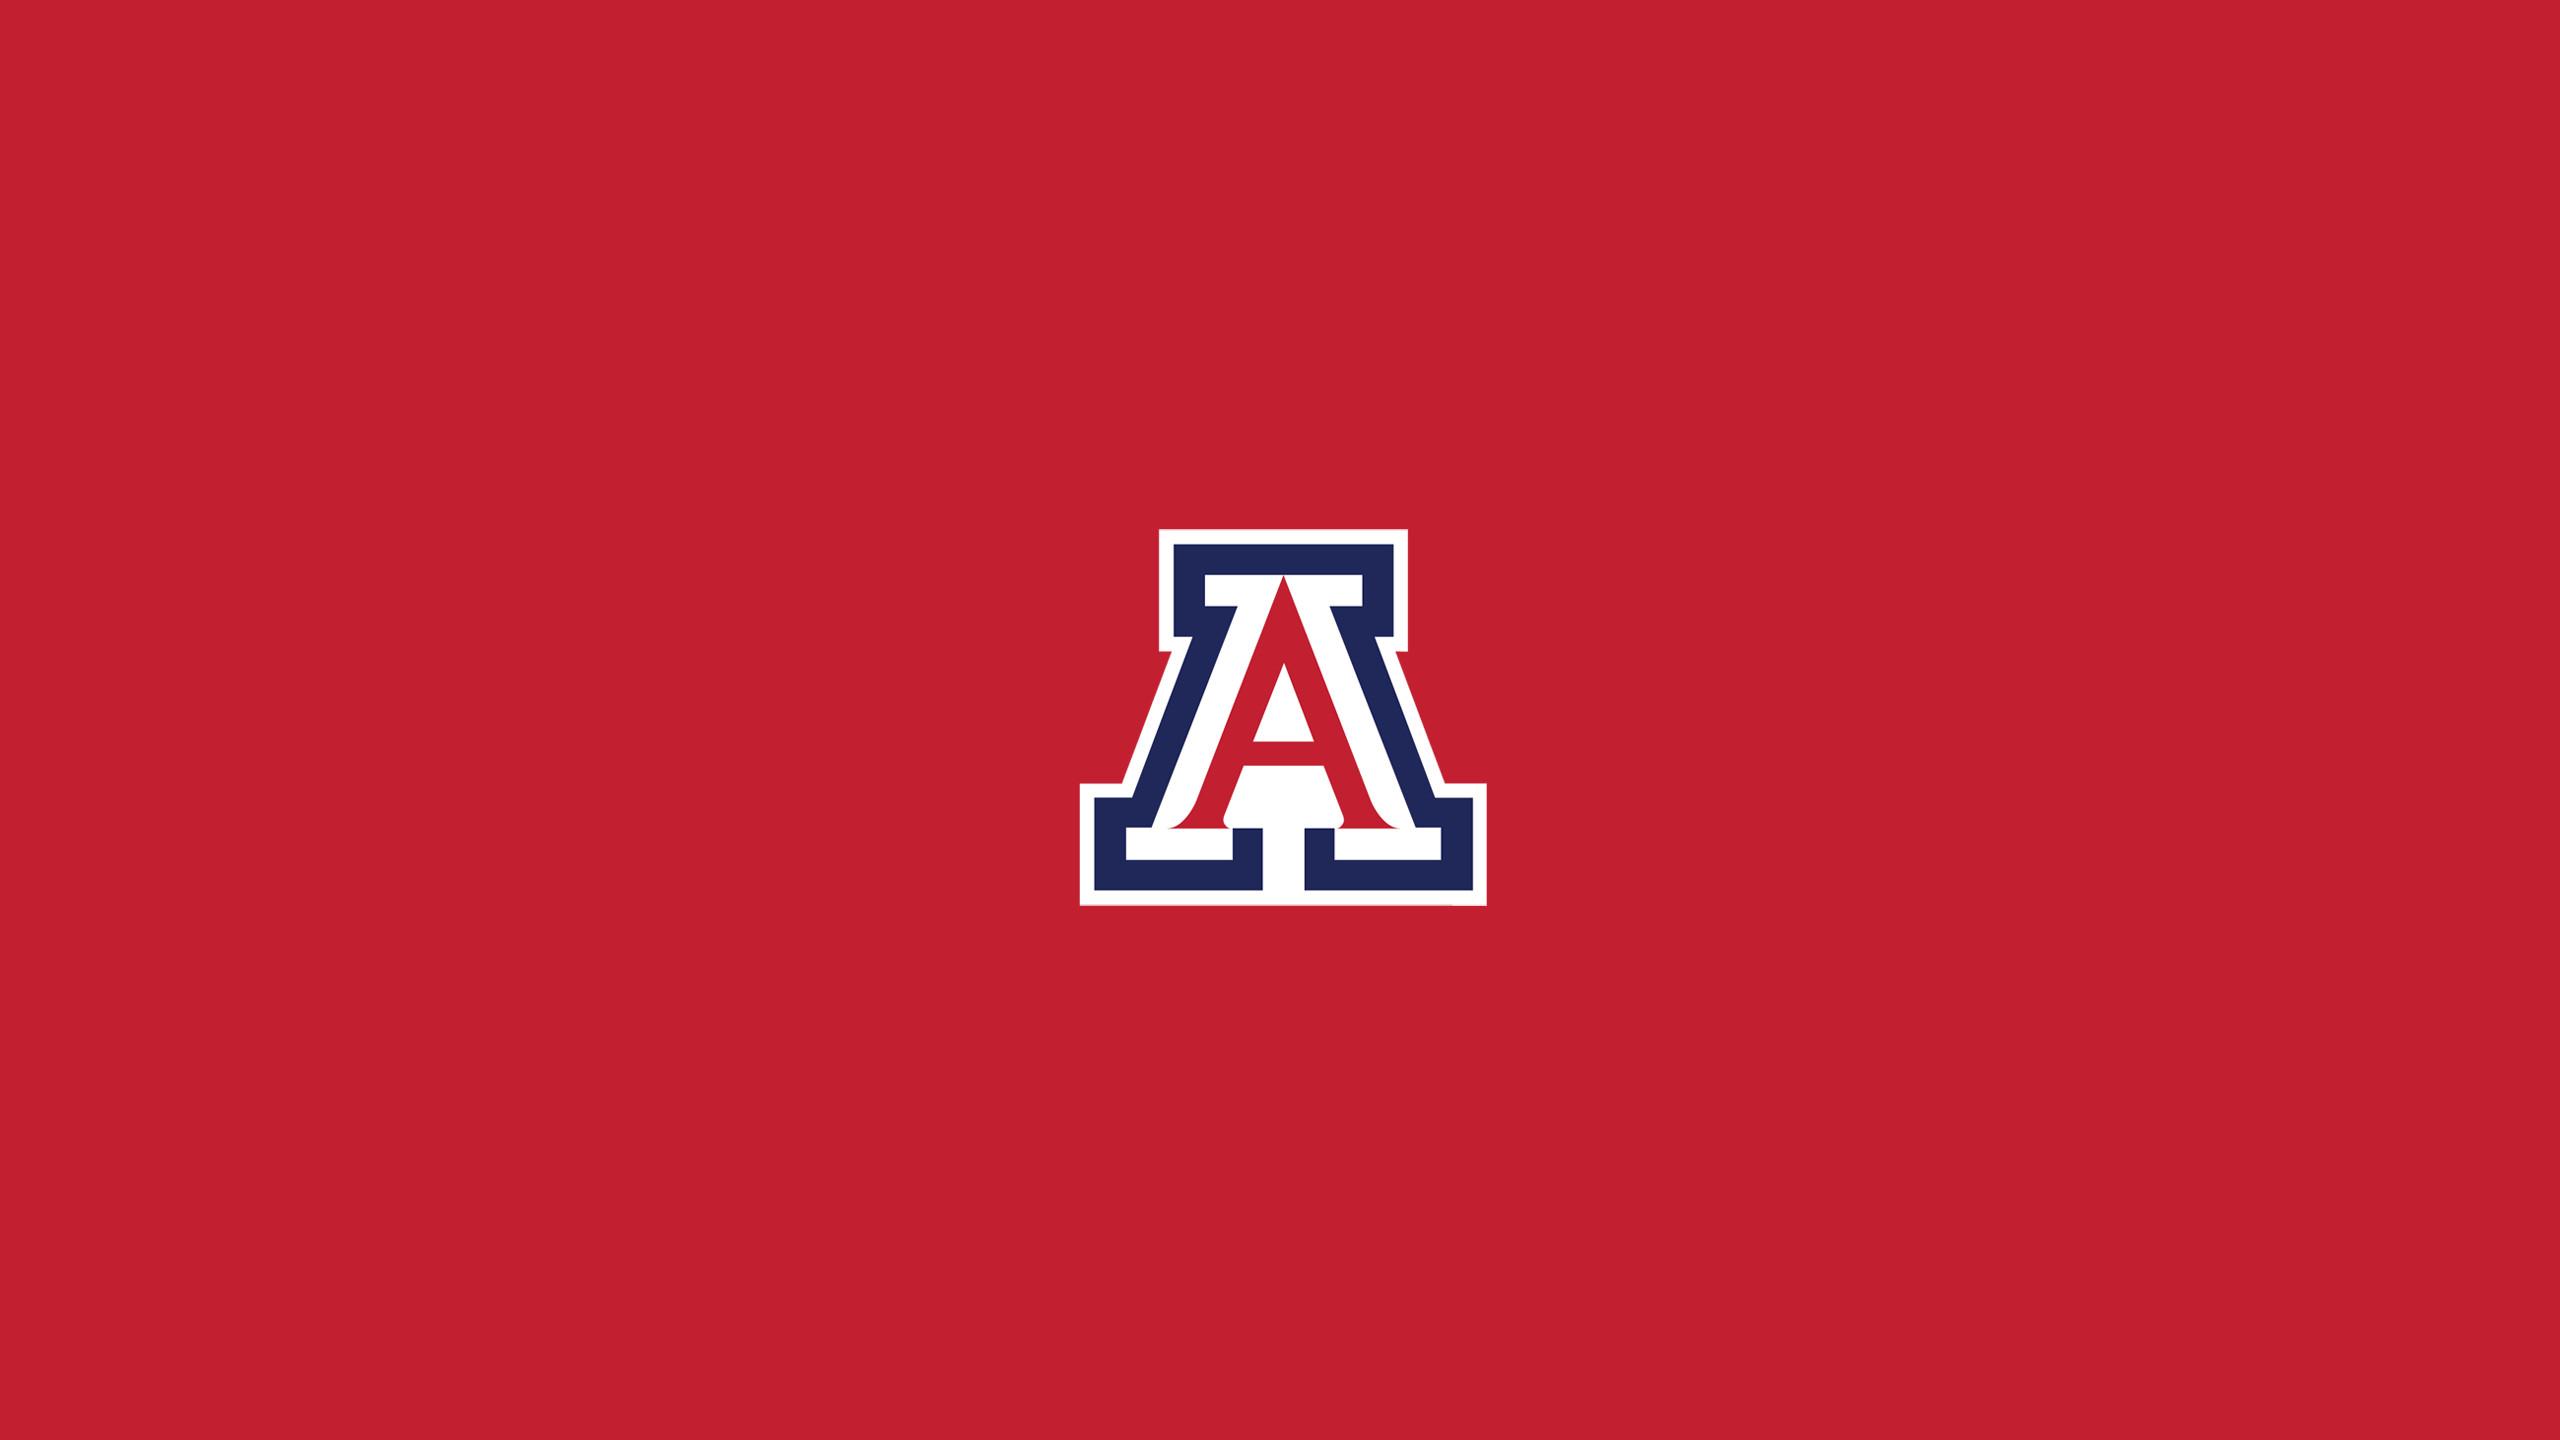 Arizona Wildcats Wallpaper   Free   Download